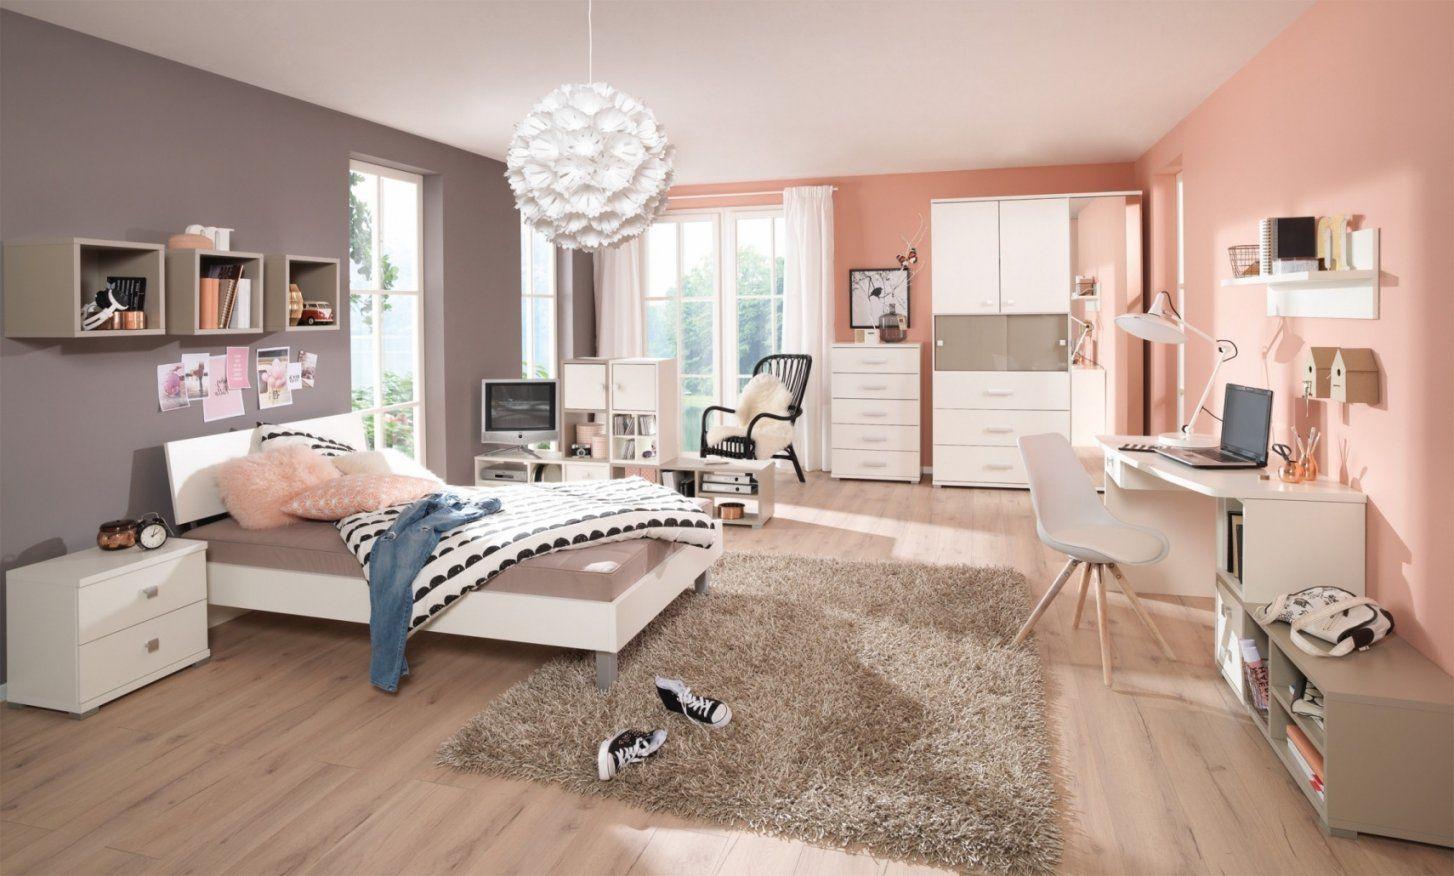 ... Gemütlich Jugendzimmer Mädchen Ikea Gestalten Aus Ideen Avec Von Coole  Jugendzimmer Für Mädchen Photo ...